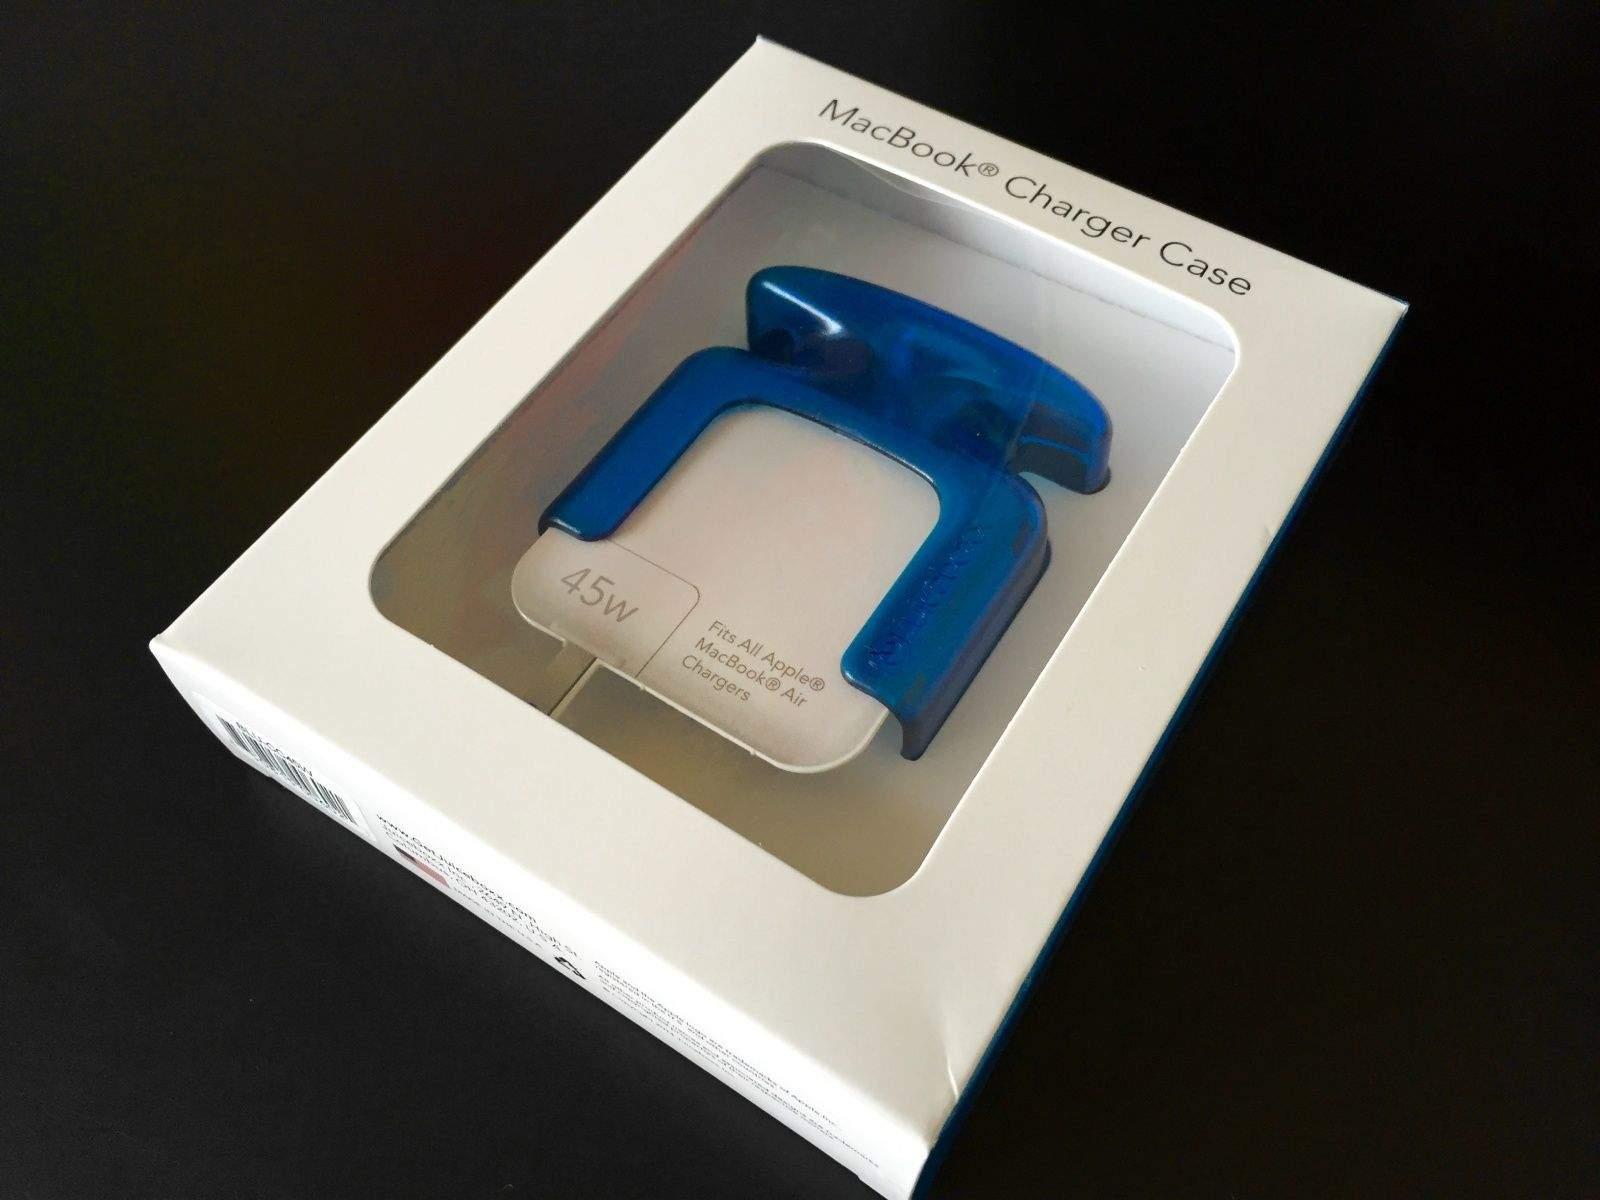 juiceboxx-mac-accessory-cord-no-fray - 1